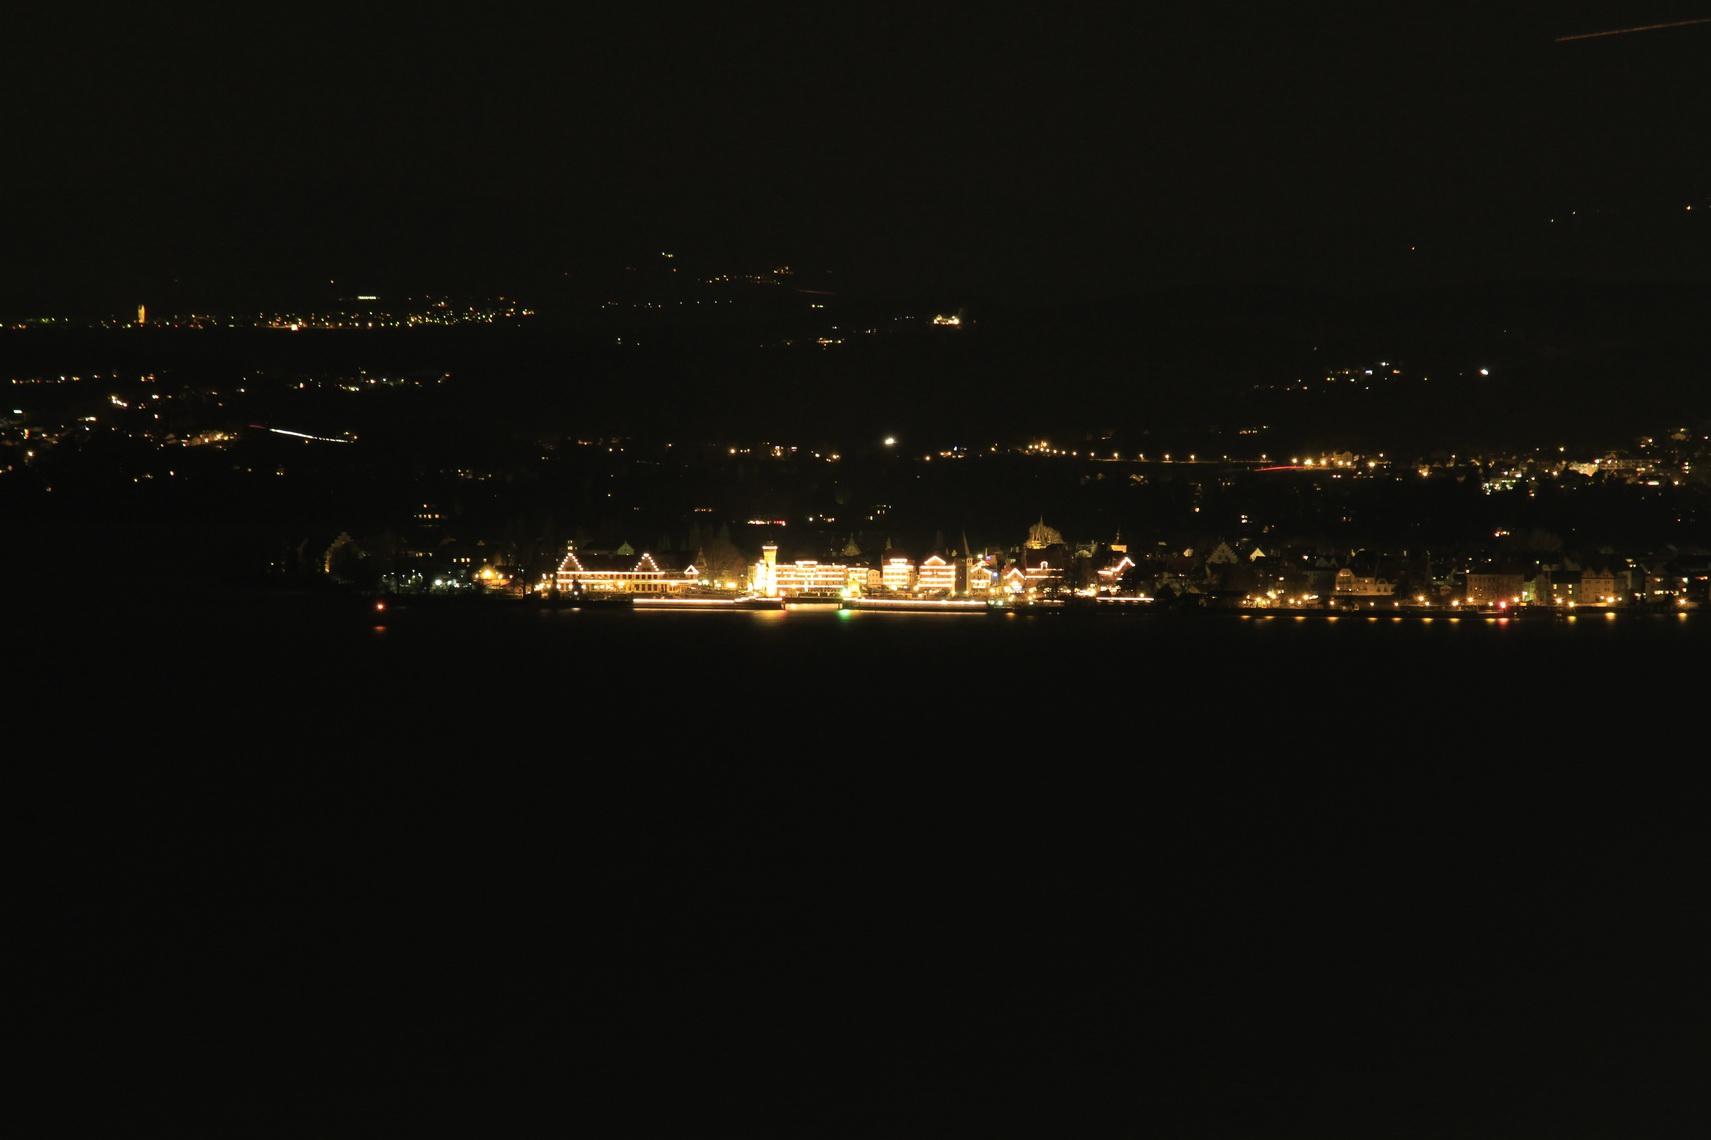 Lichtspiele-005.jpg